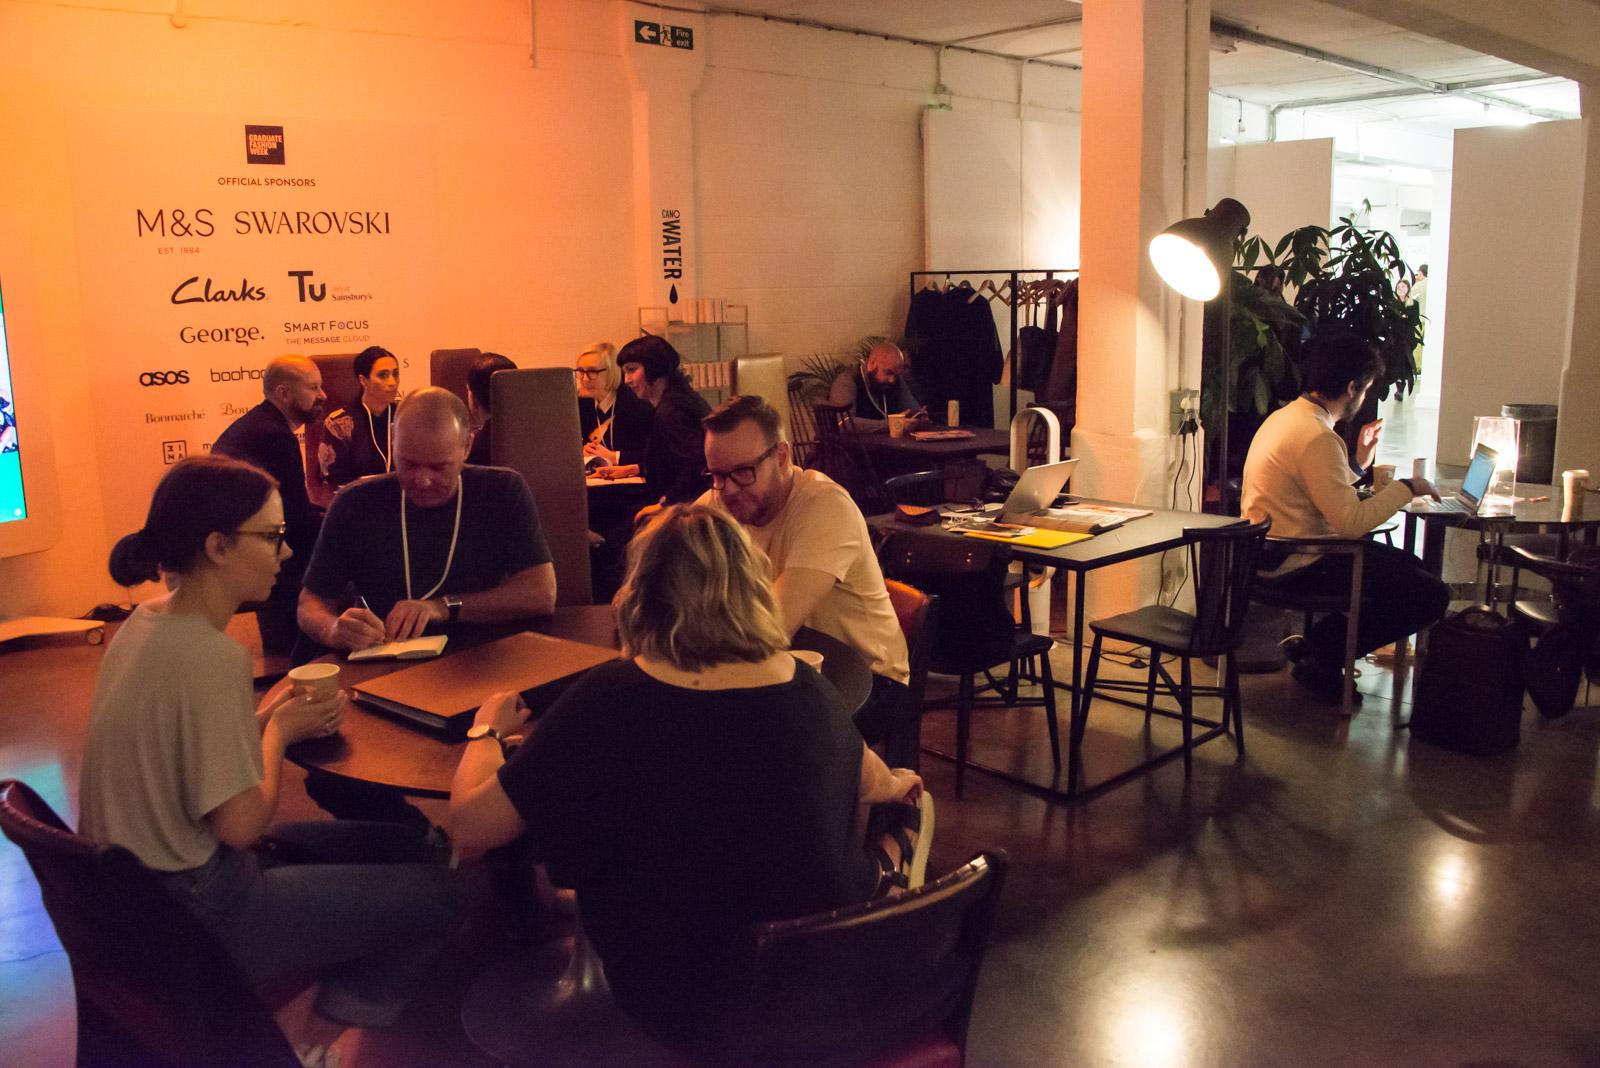 green room vip judges 060617 image by tina mayr-8.jpg